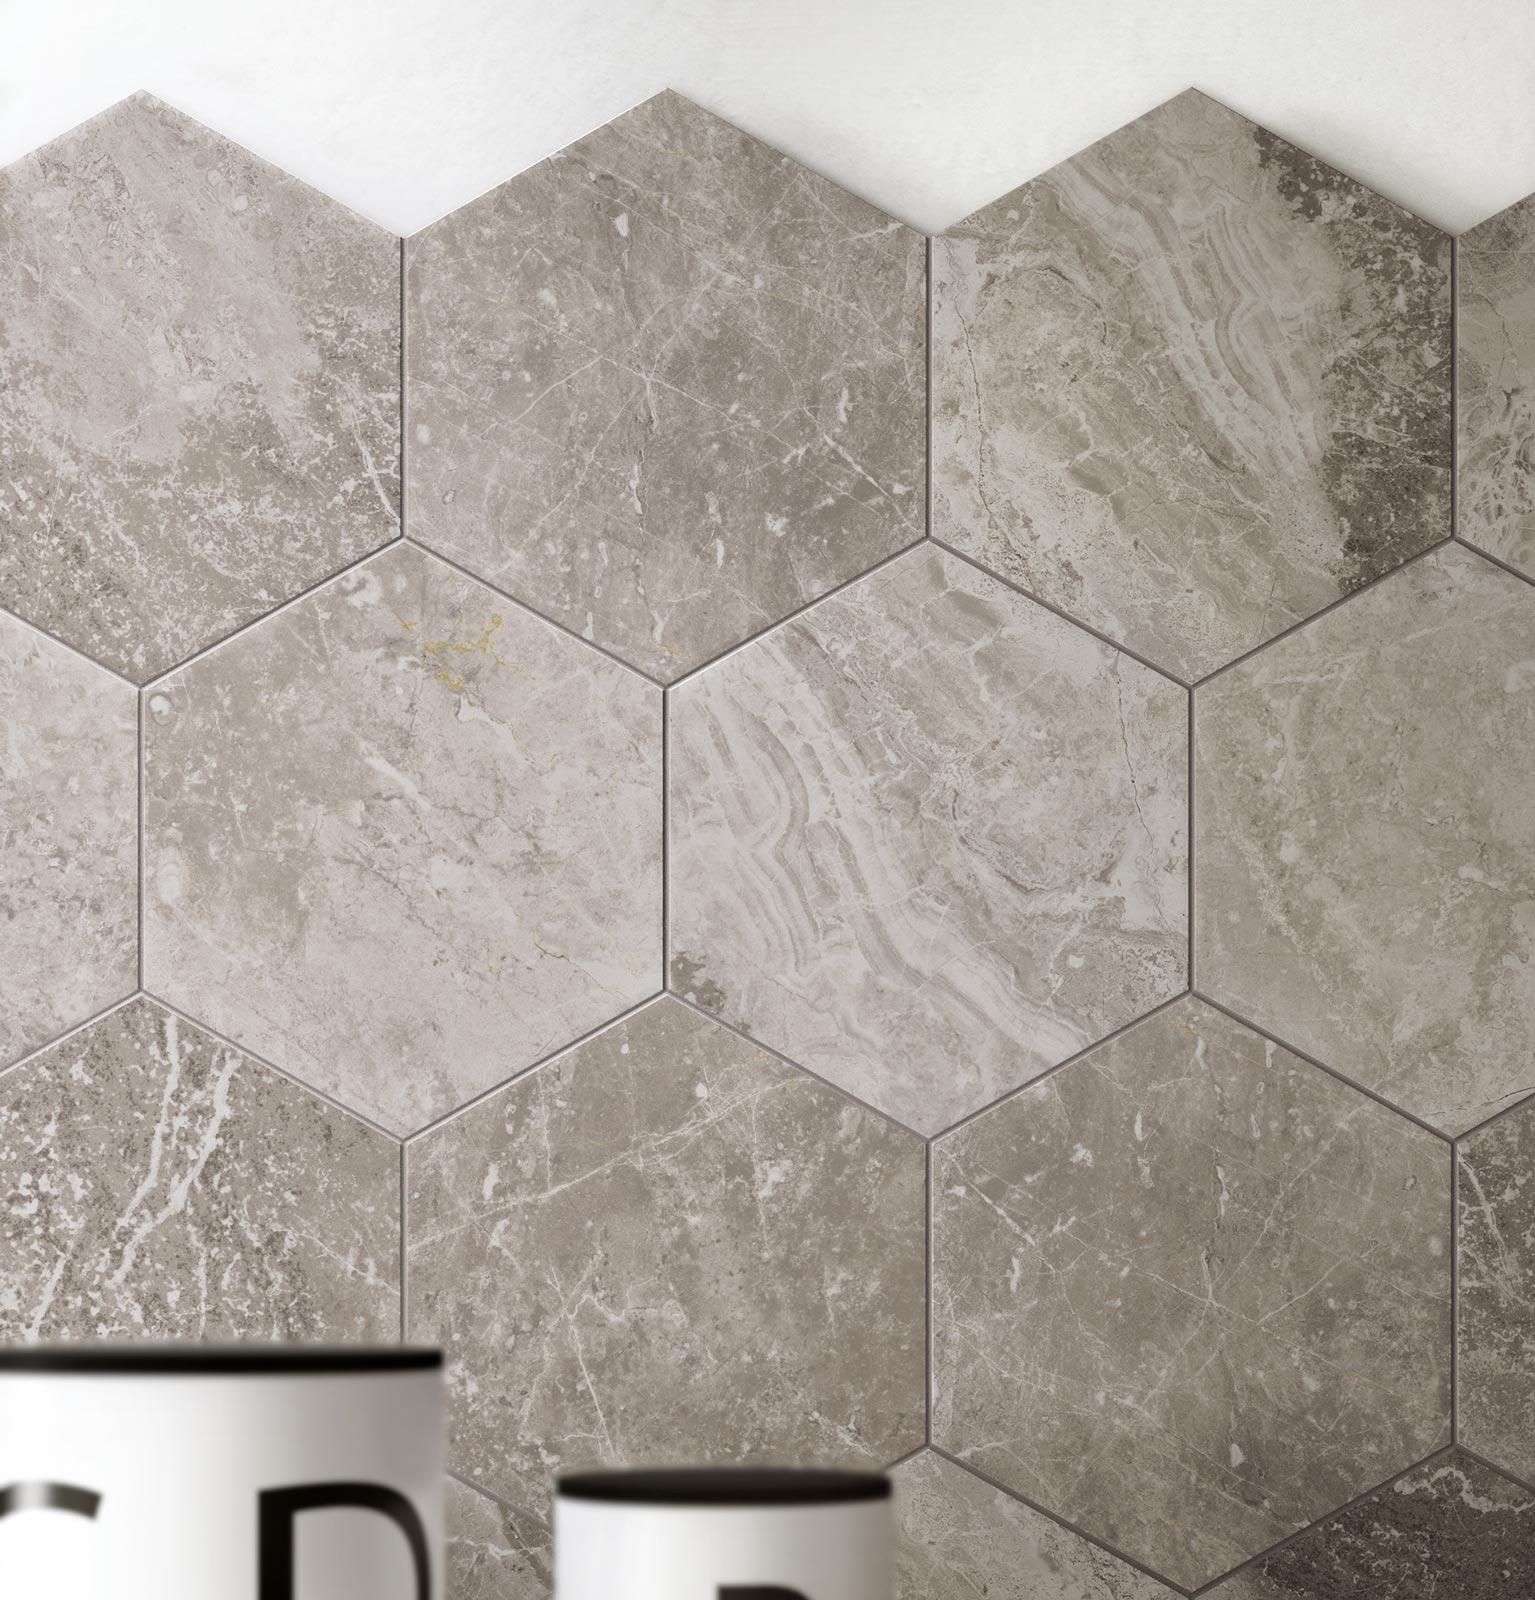 Piastrelle esagonali per decorare casa ragno - Piastrelle in marmo ...